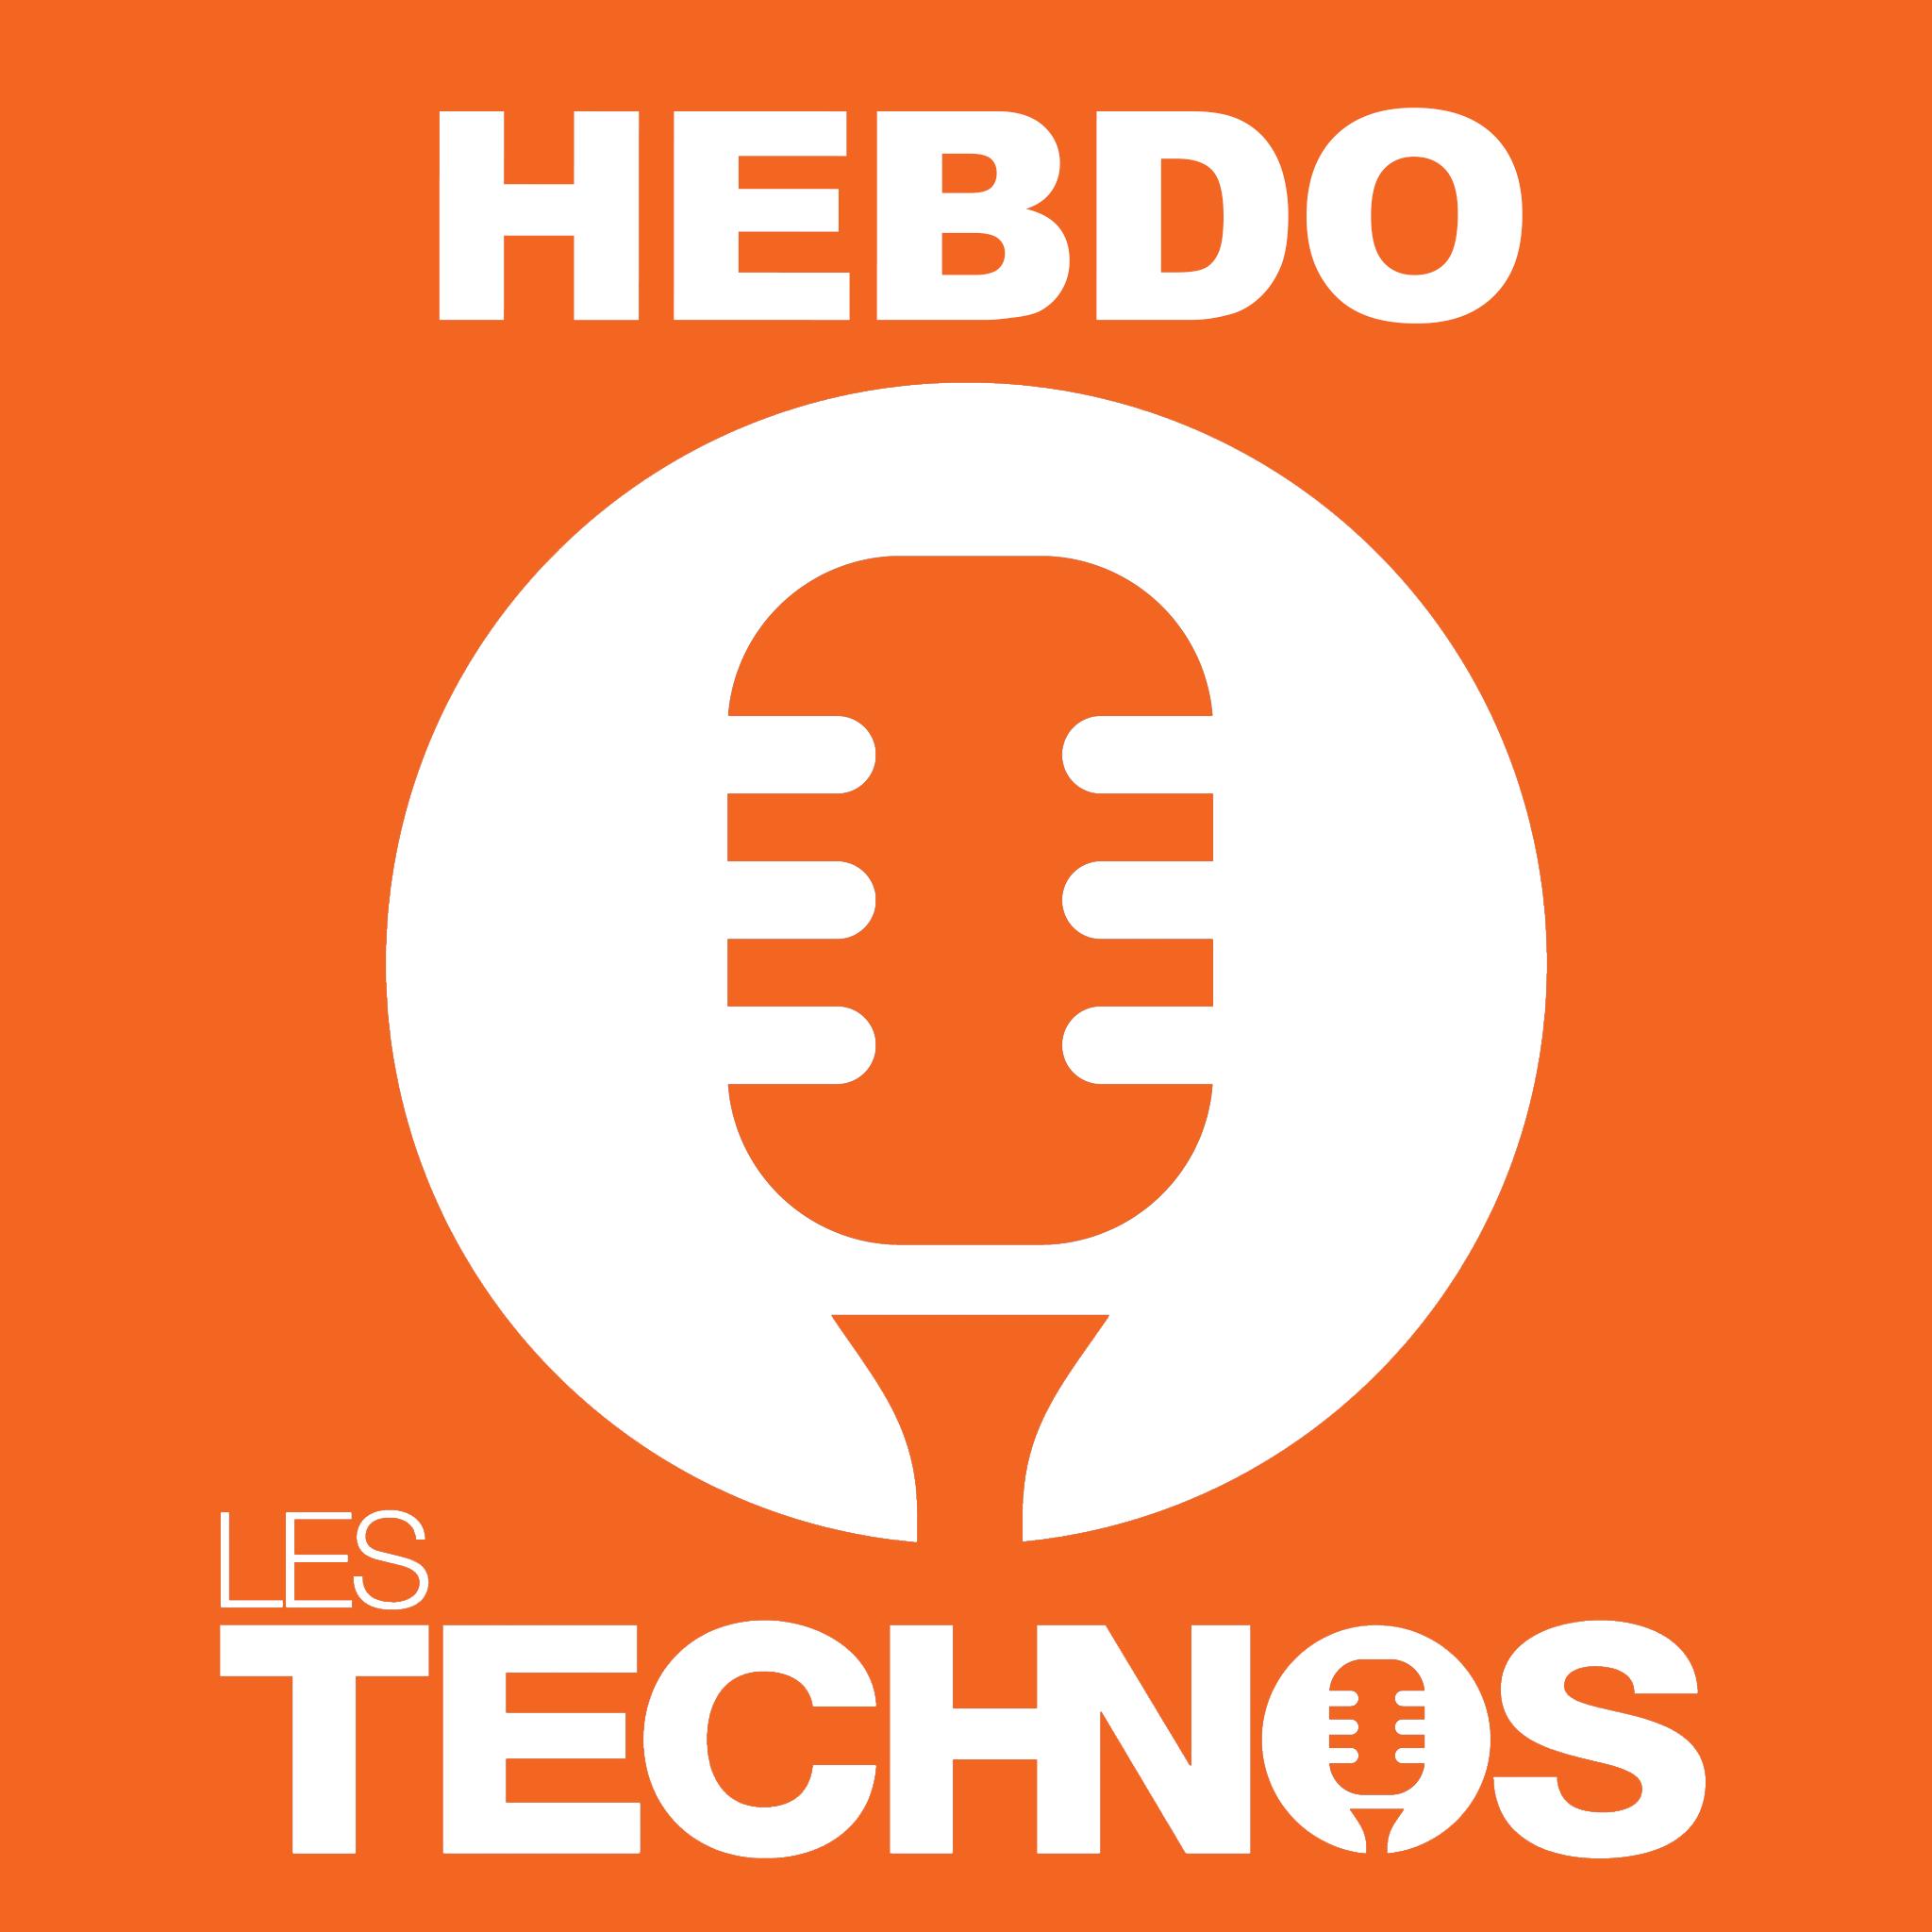 Les Technos – Hebdo